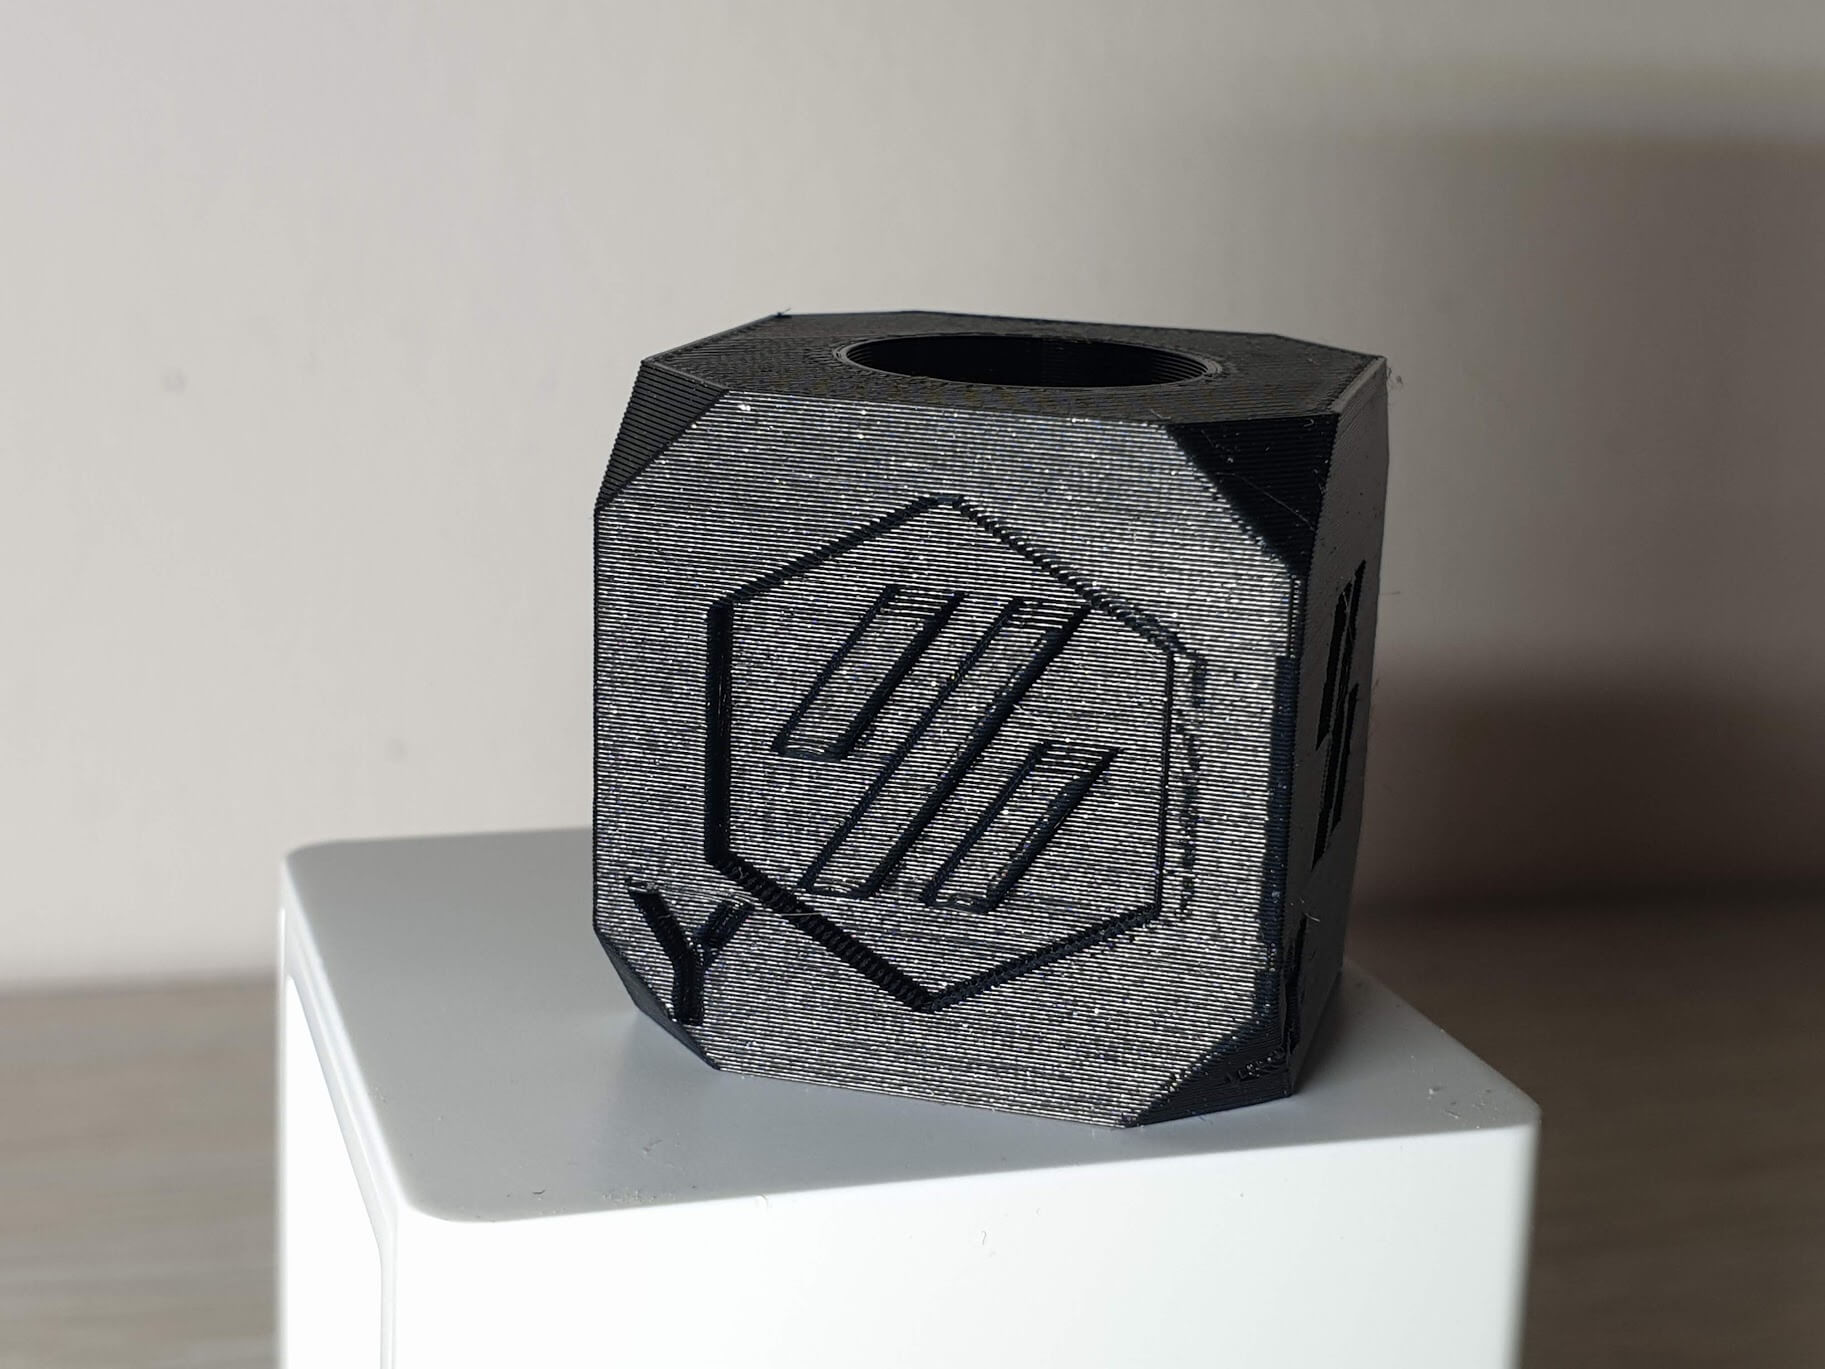 Voron Cube PETG IdeaMaker 5